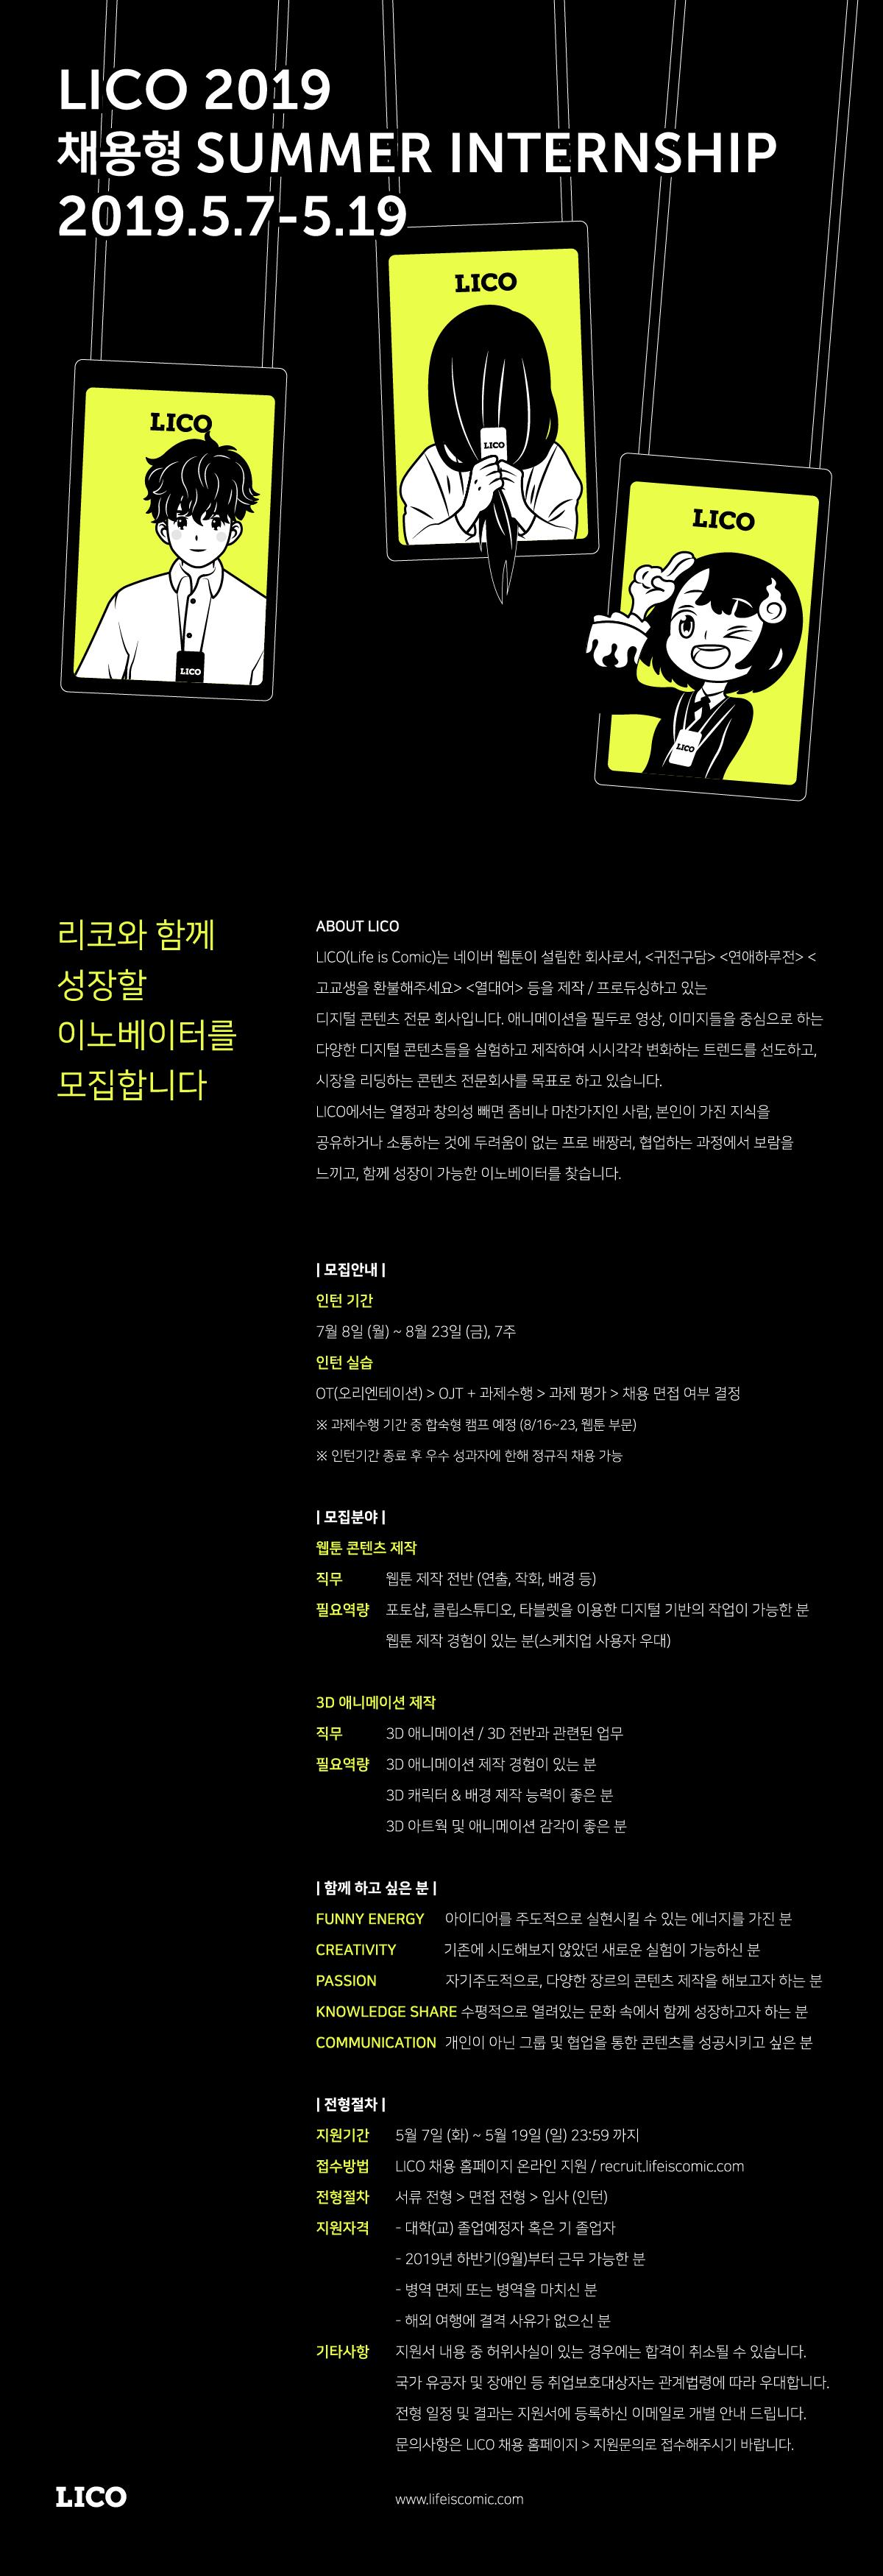 (네이버웹툰 자회사) LICO_2019_INTERNSHIP_웹 공고문.jpg